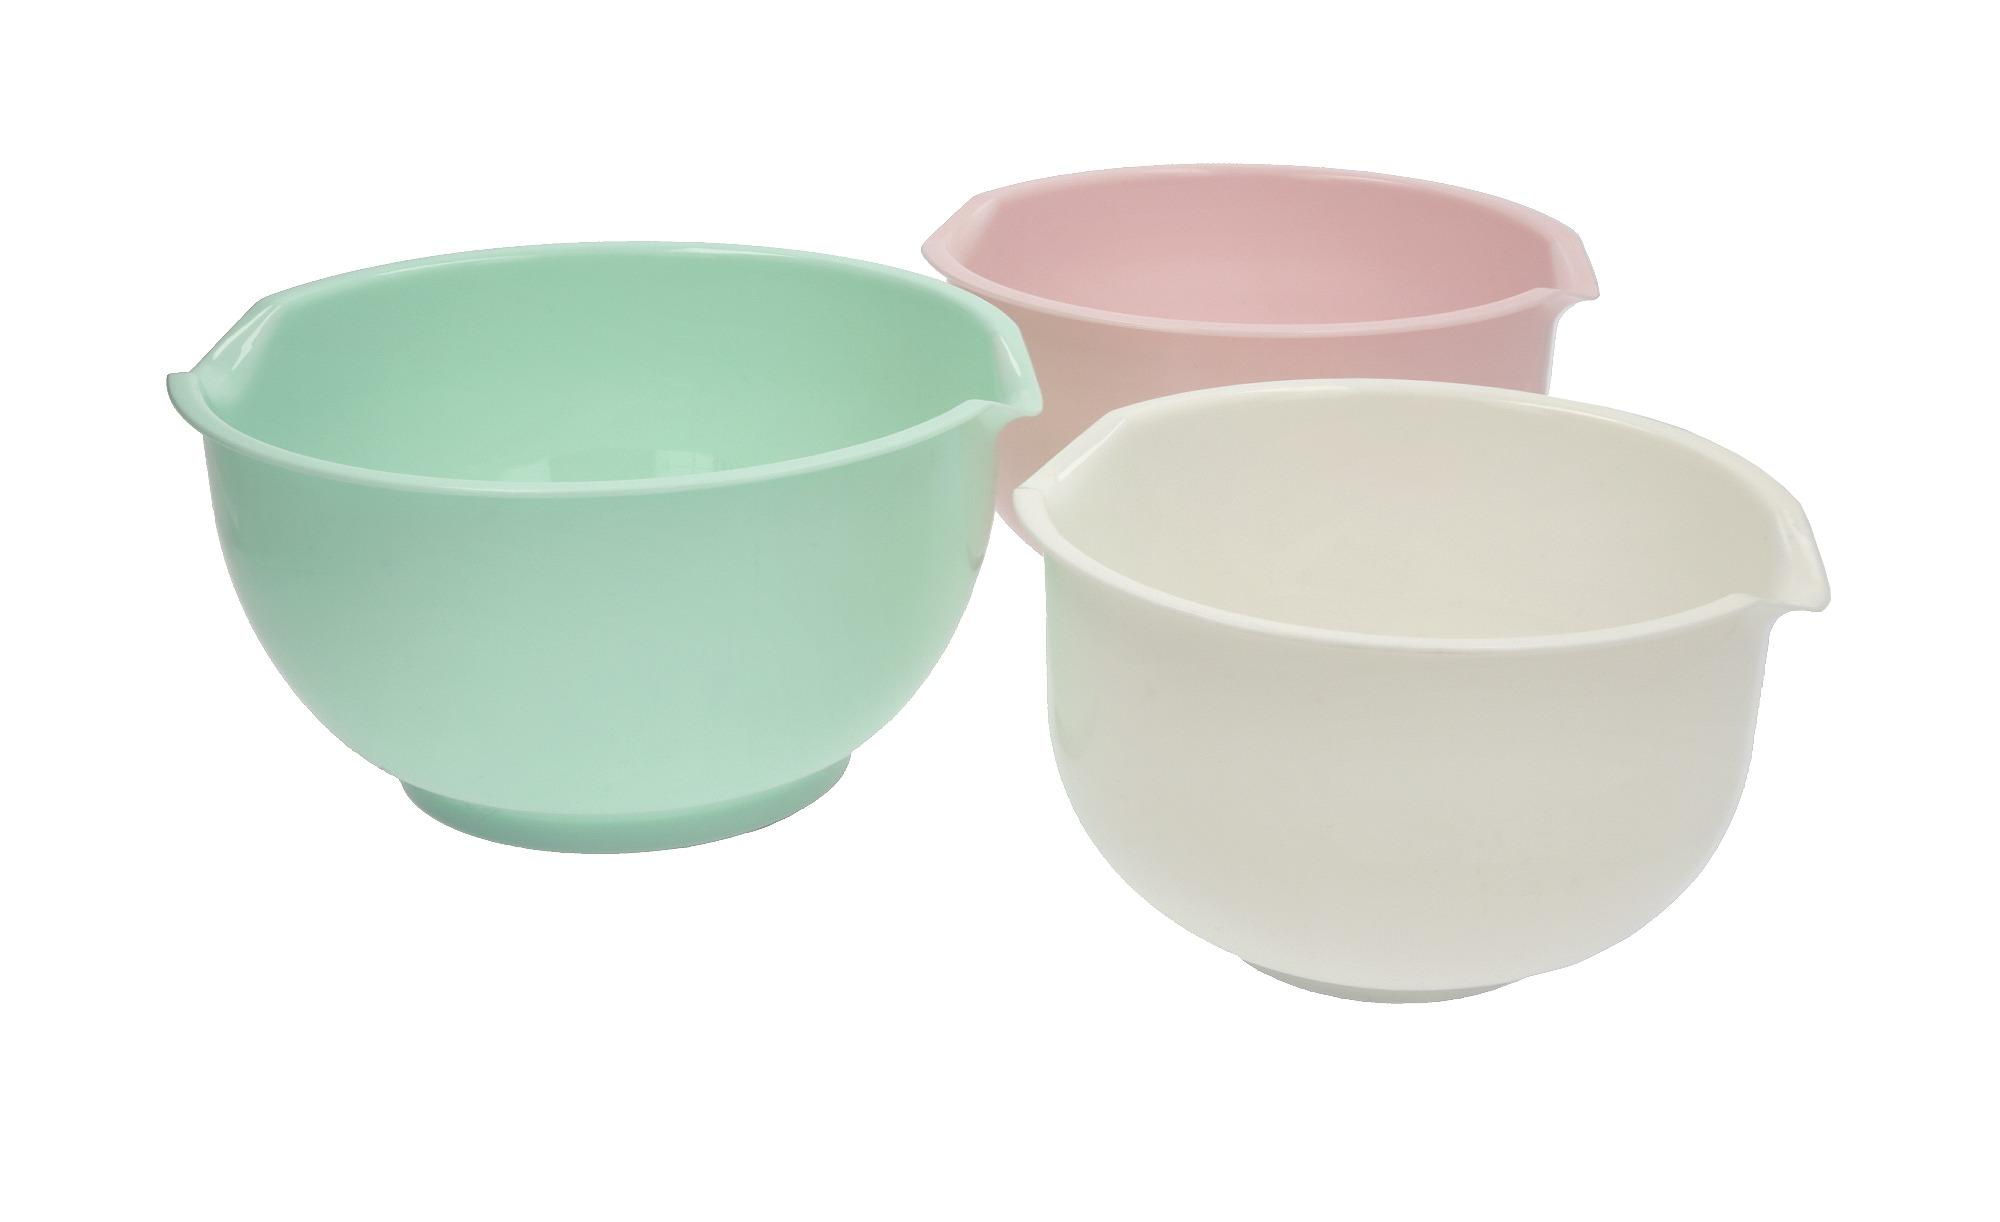 for friends Rührschüssel-Set 3-teilig - mehrfarbig - Kunststoff - Küchenzub günstig online kaufen